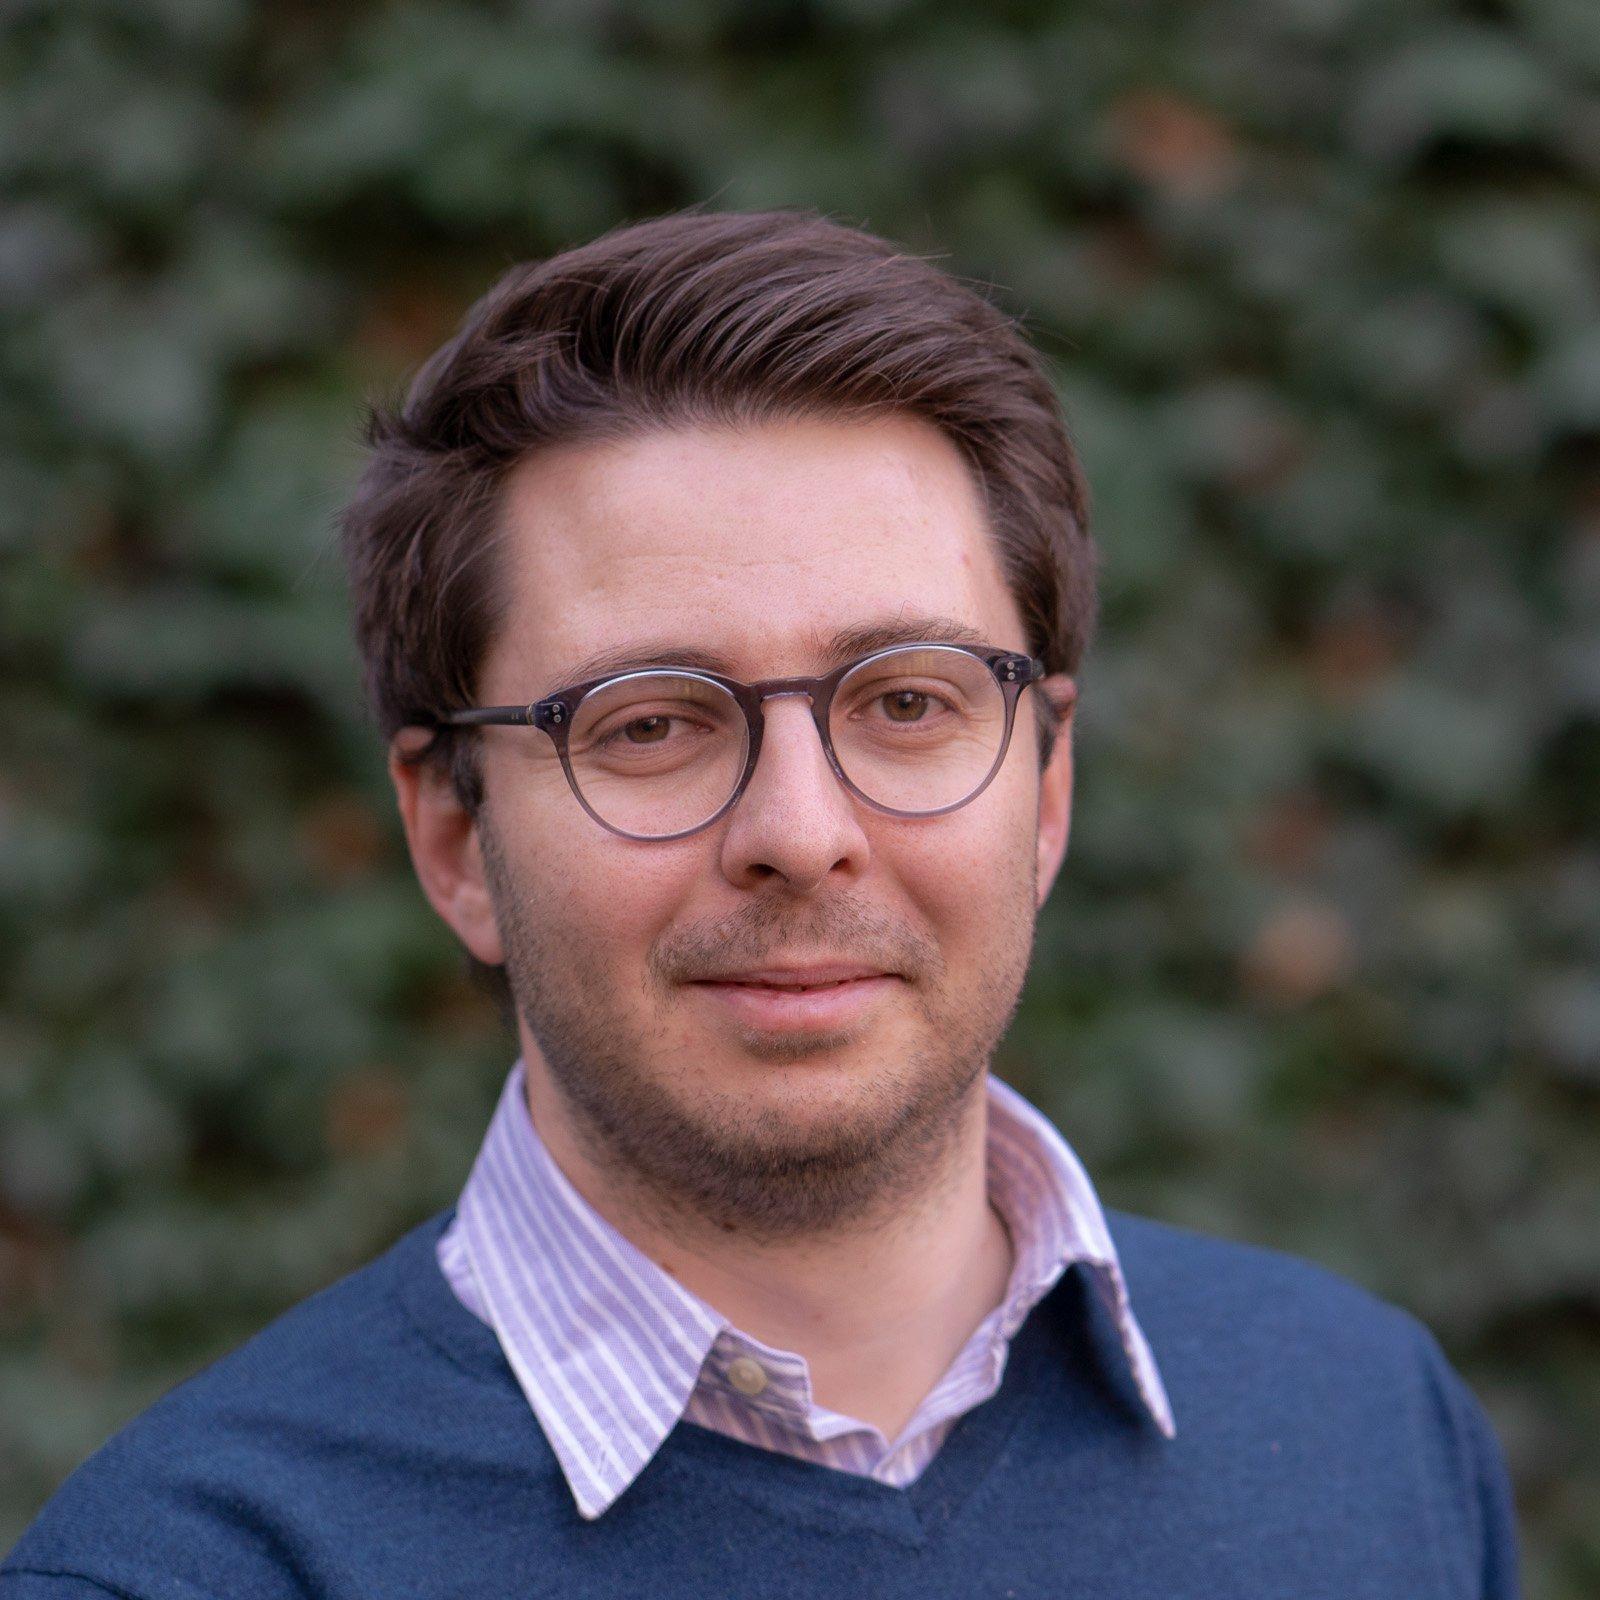 Maxence Alloto